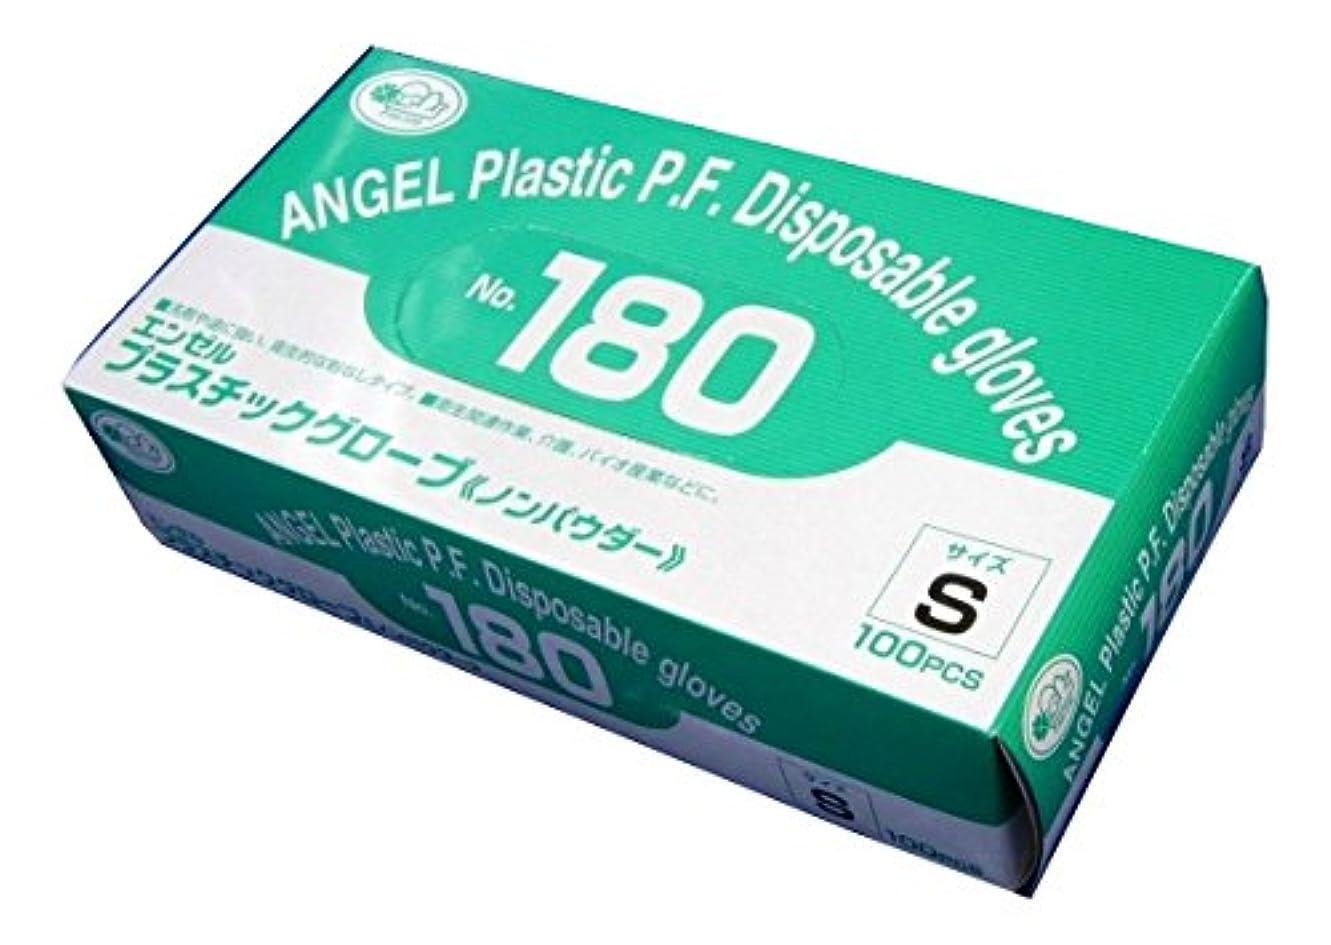 ネット悔い改め適切なサンフラワー [ケース]No.180 プラスチックグローブ ノンパウダー 100枚×20箱 (S)